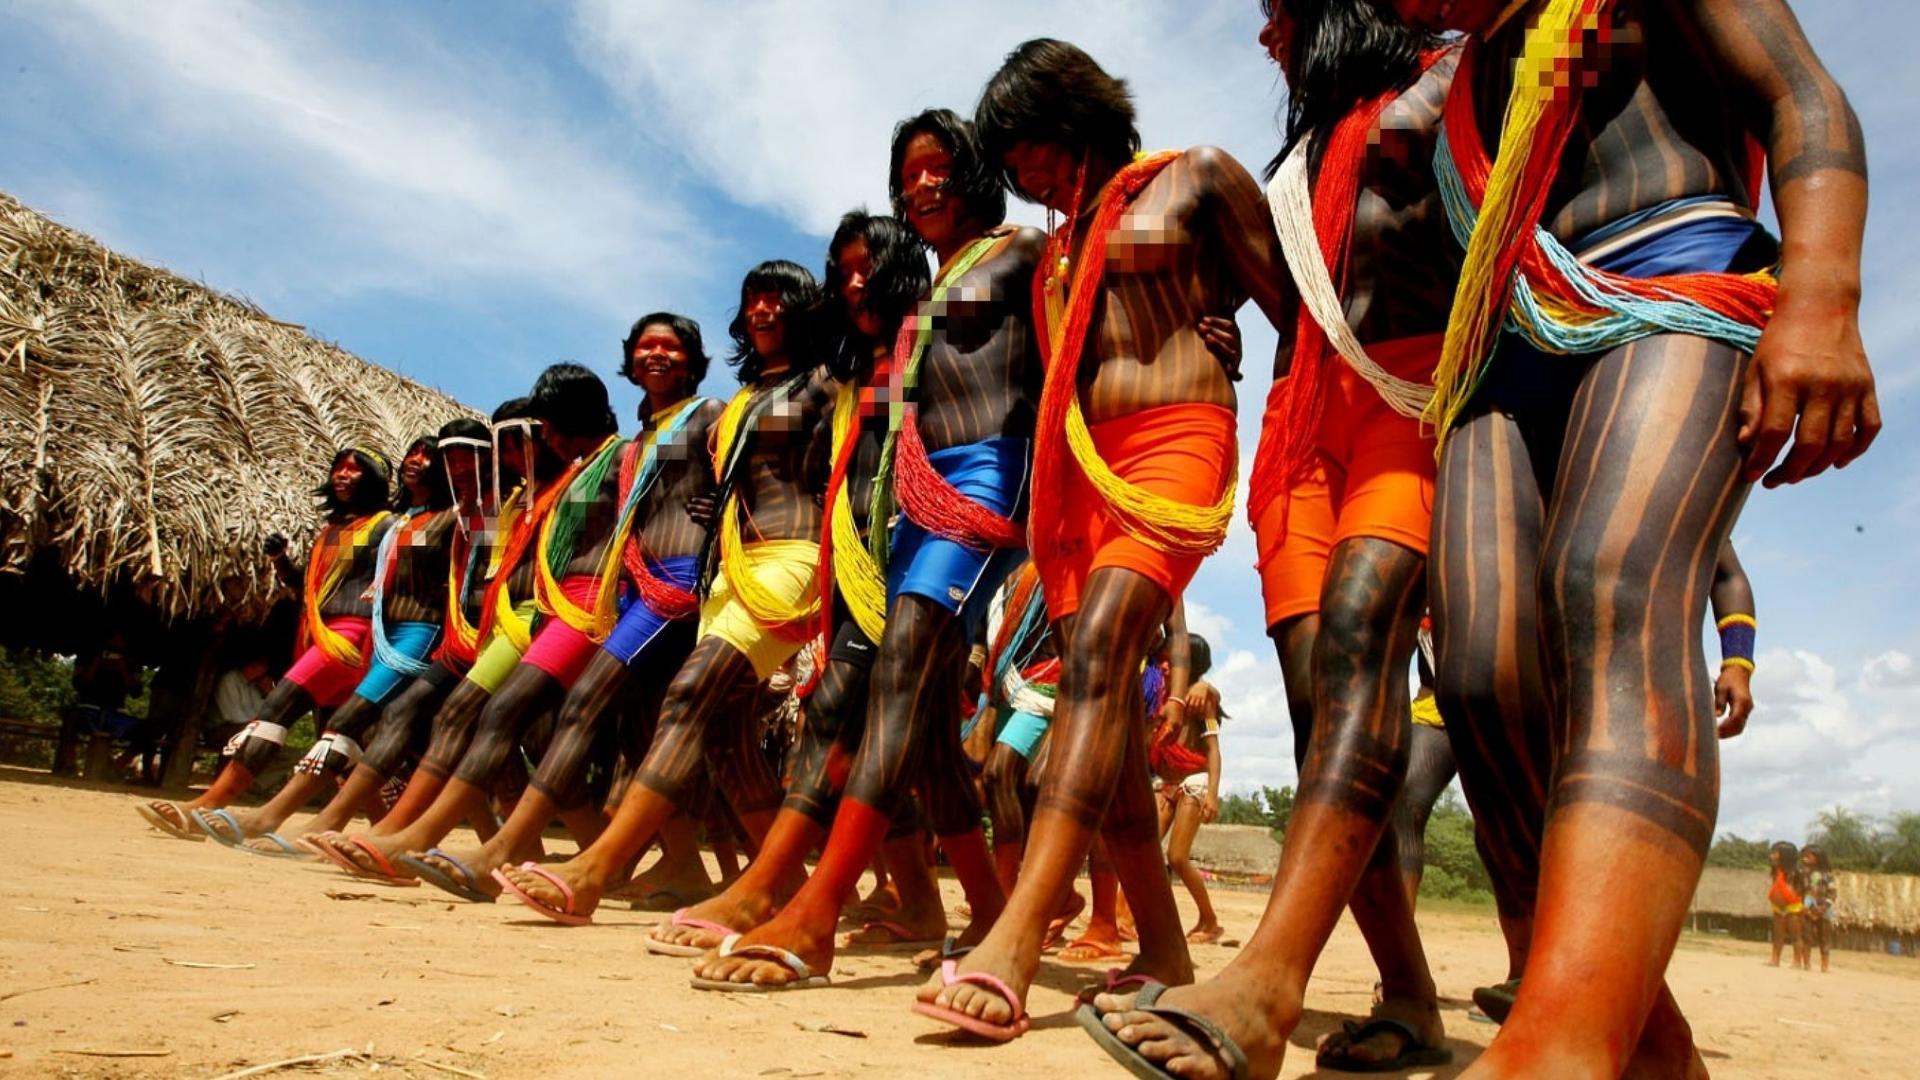 Acnur alerta que indígenas desplazados de Venezuela están expuestos al COVID-19